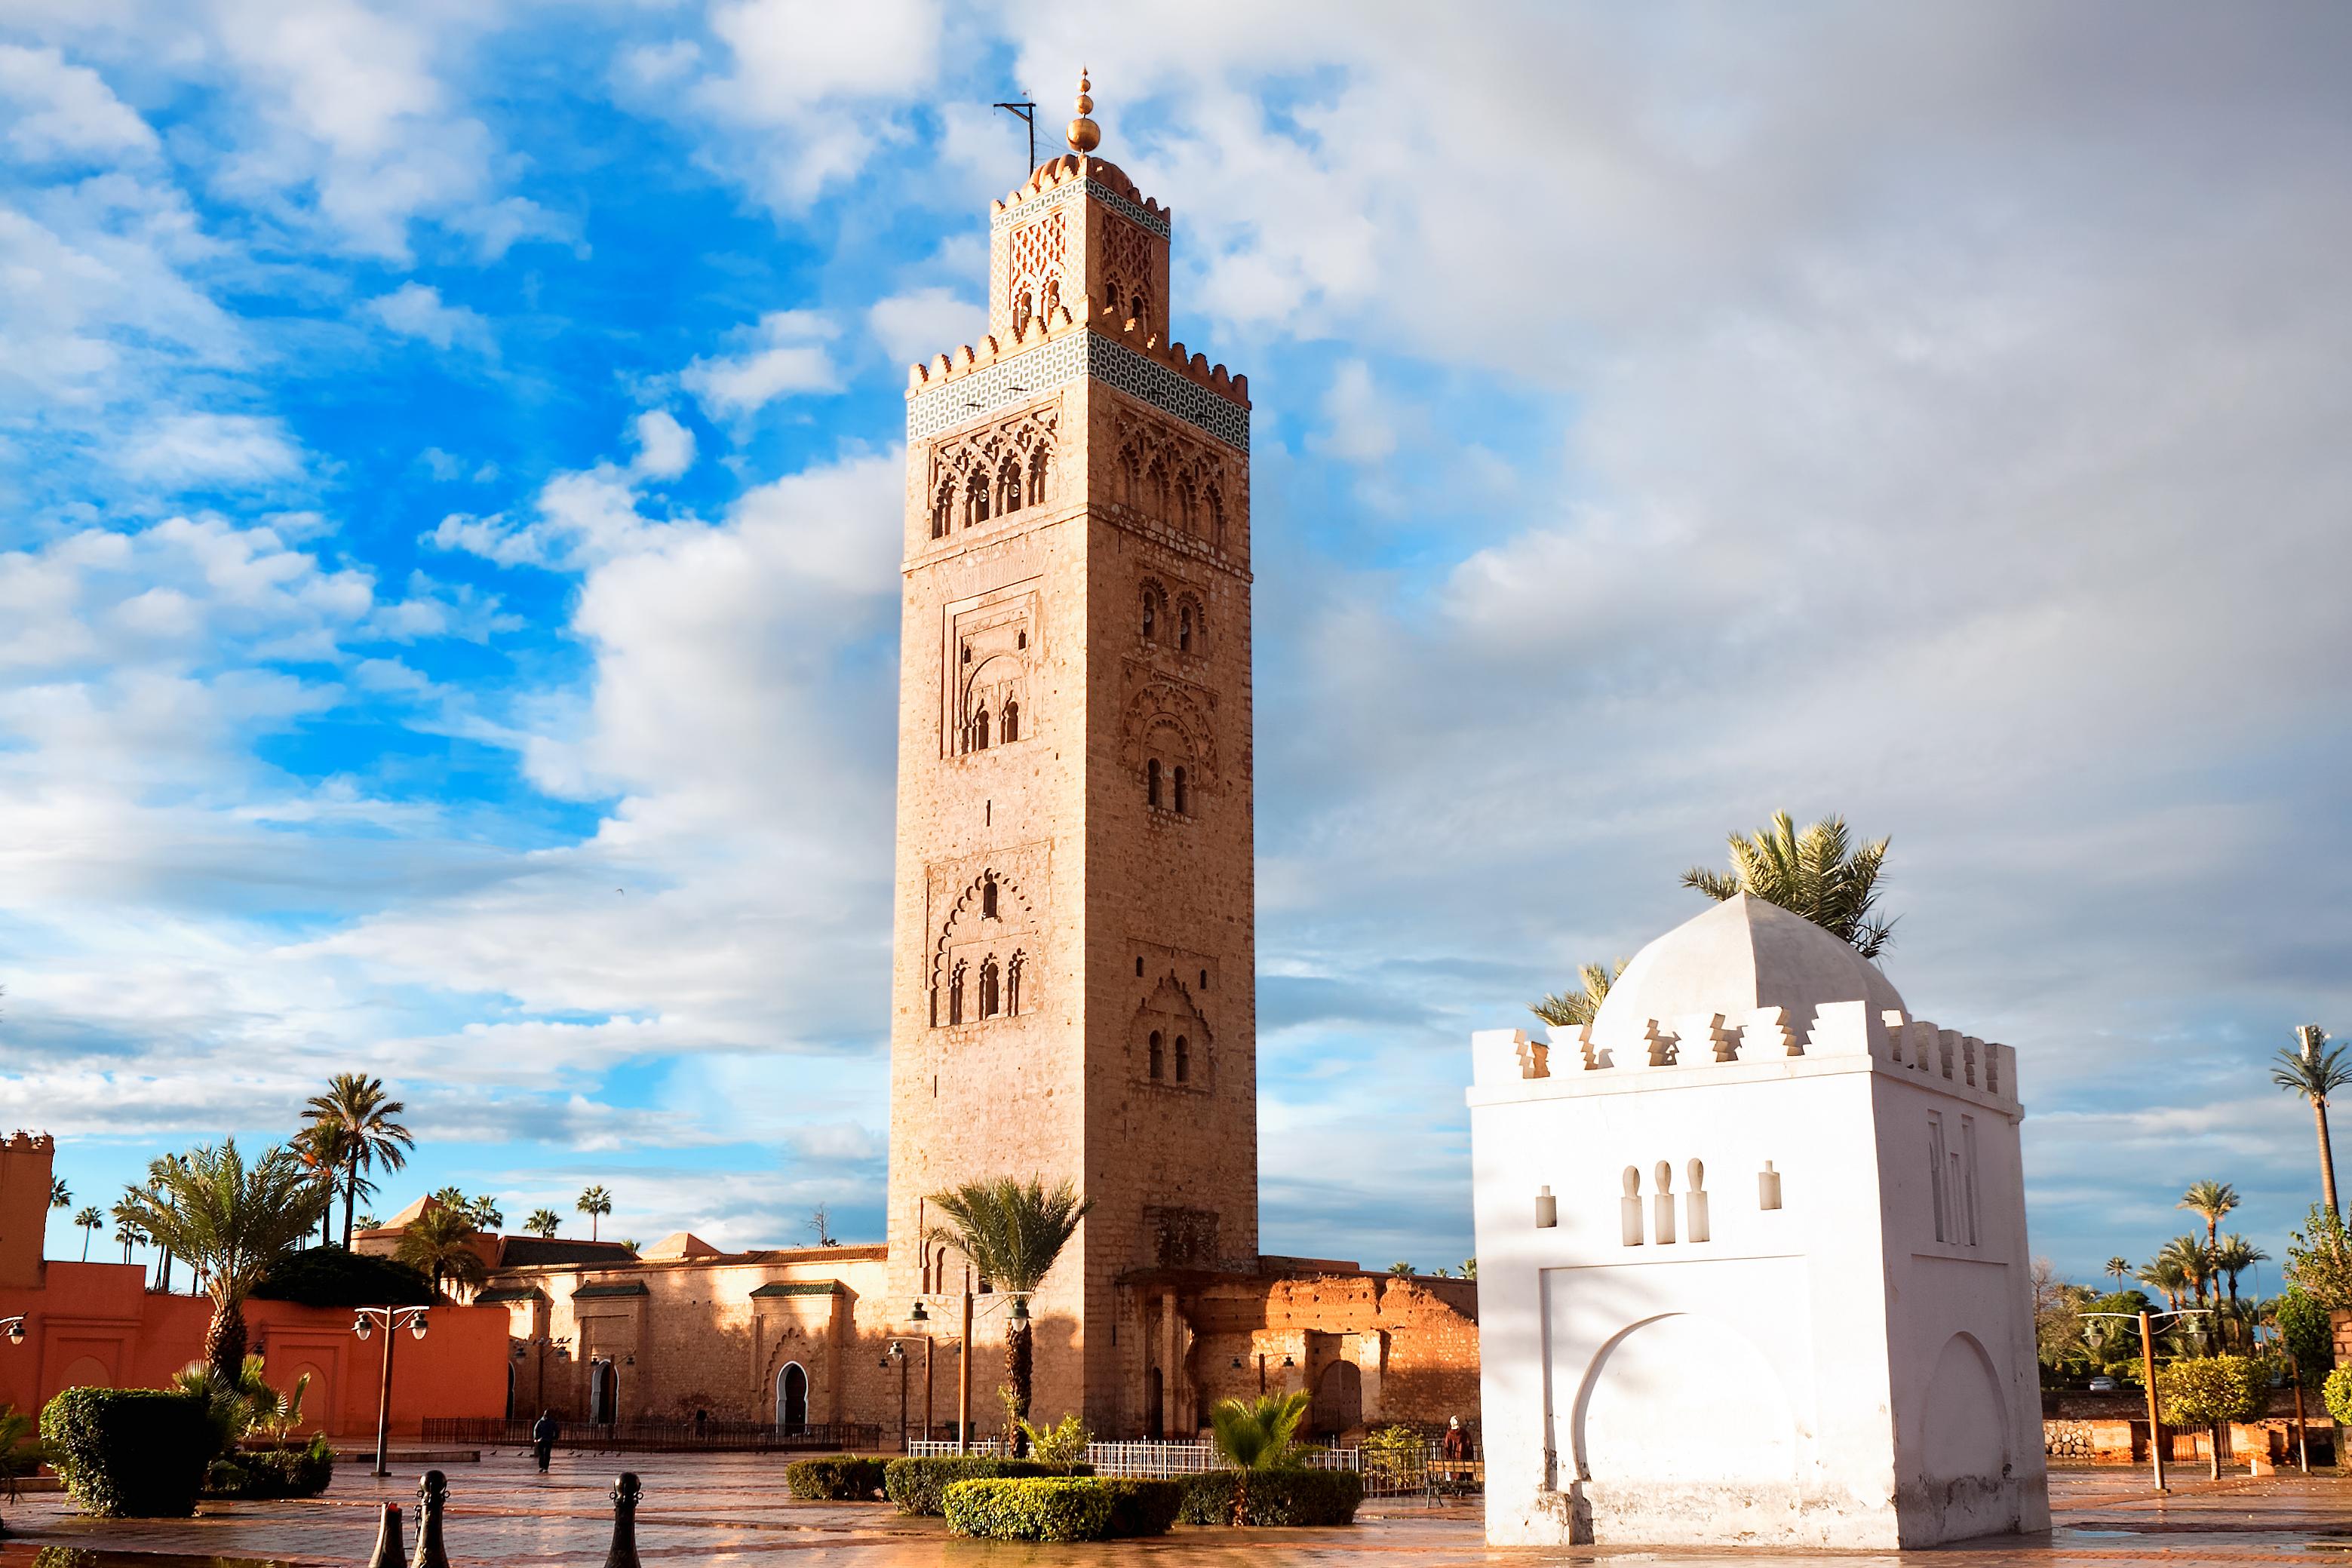 viaggio organizzato in marocco